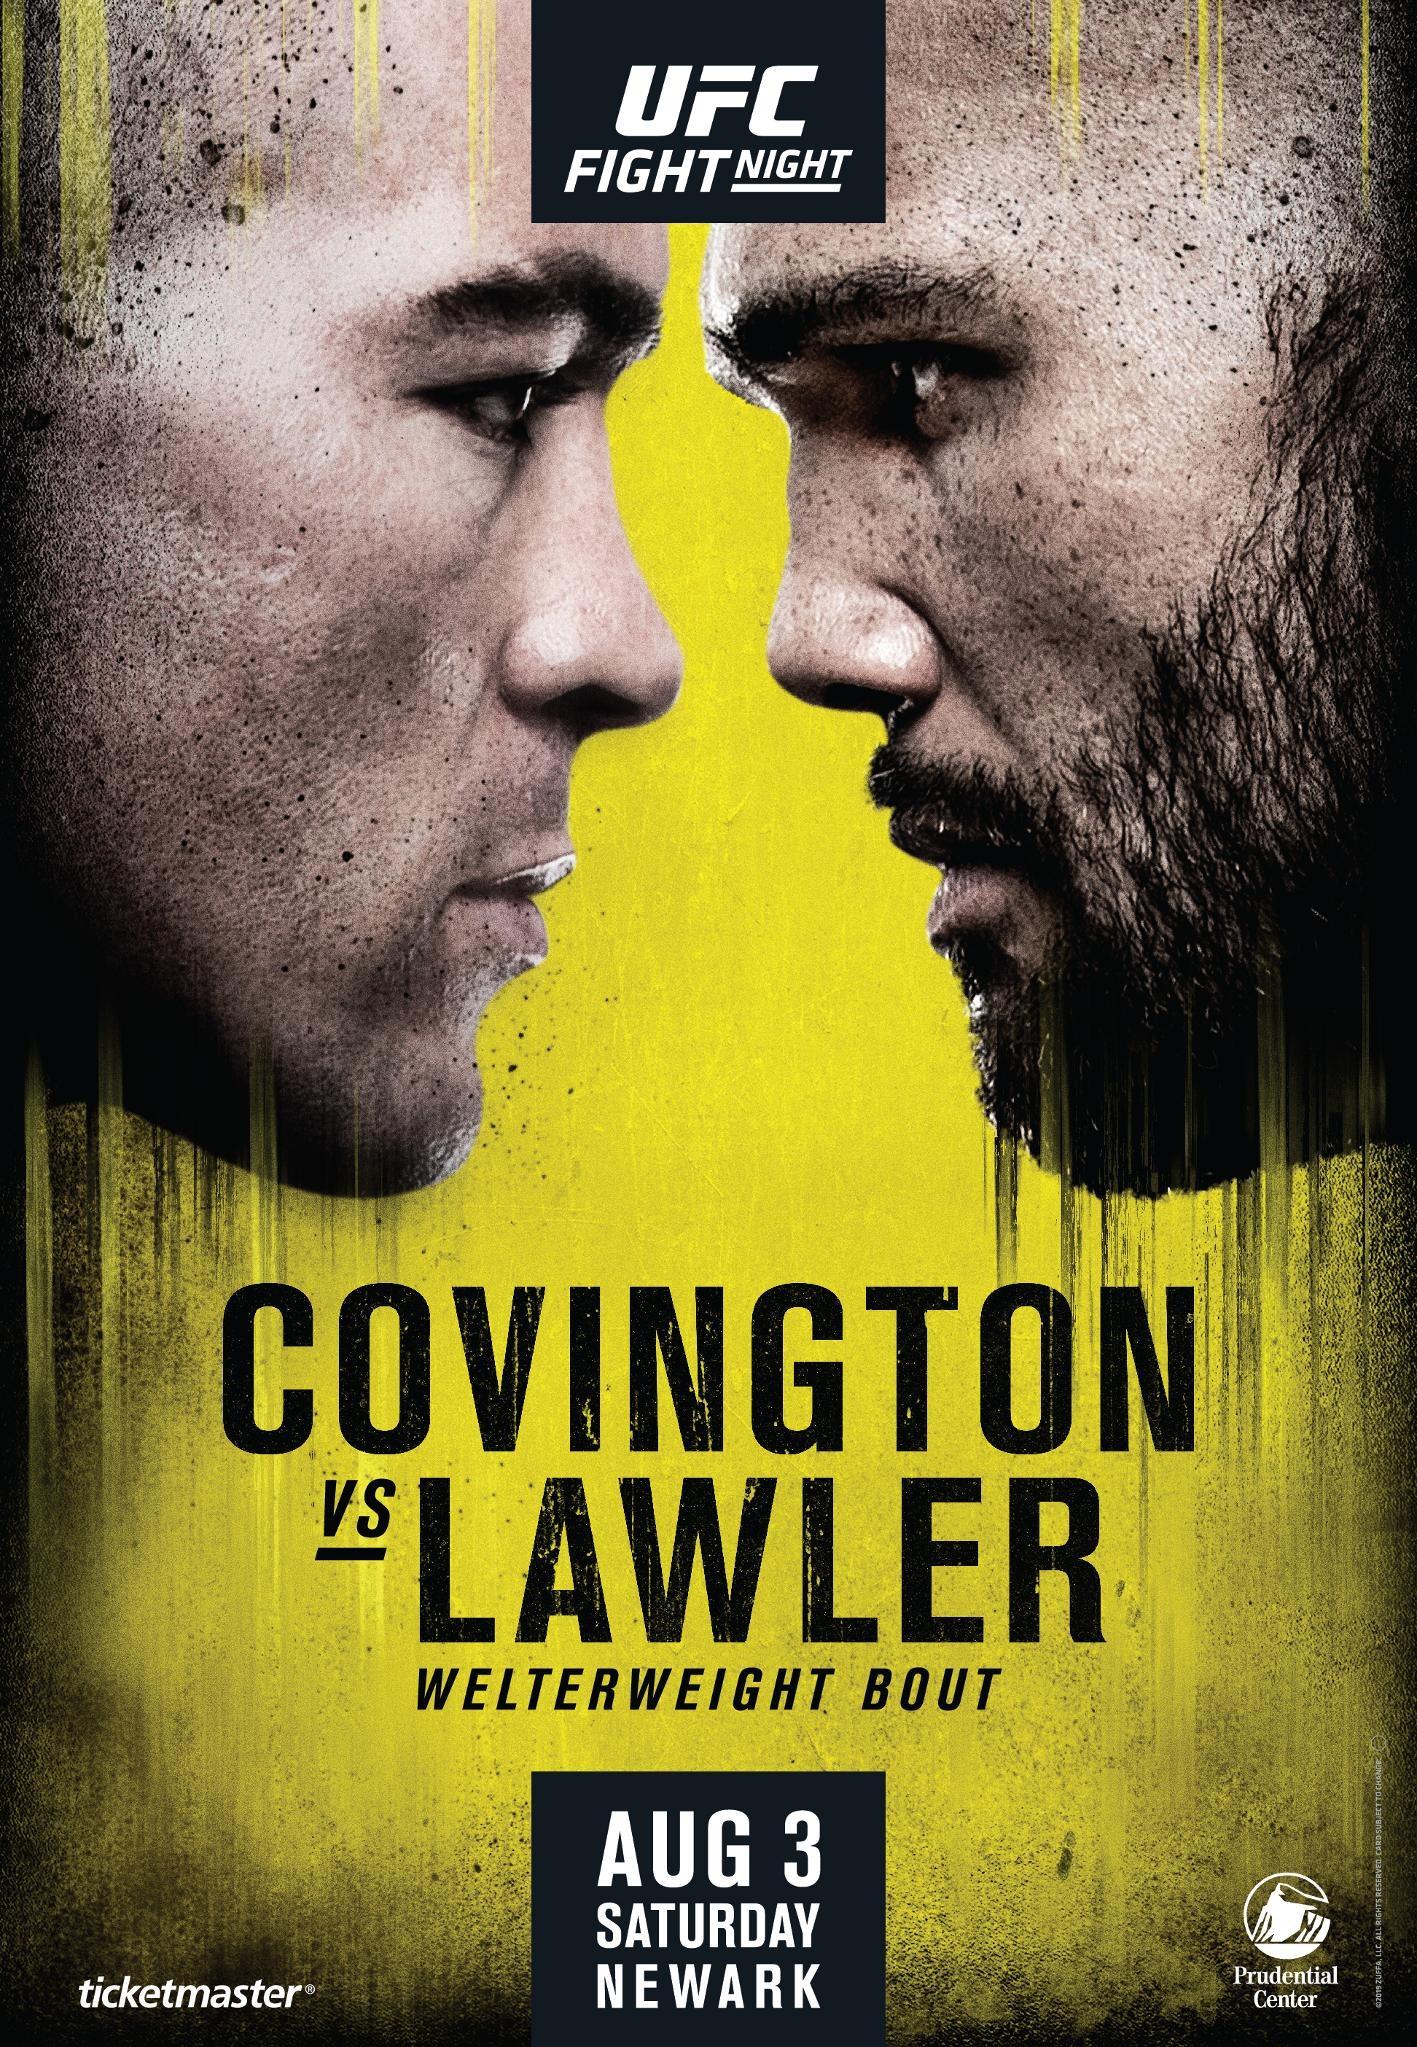 Covington vs. Lawler